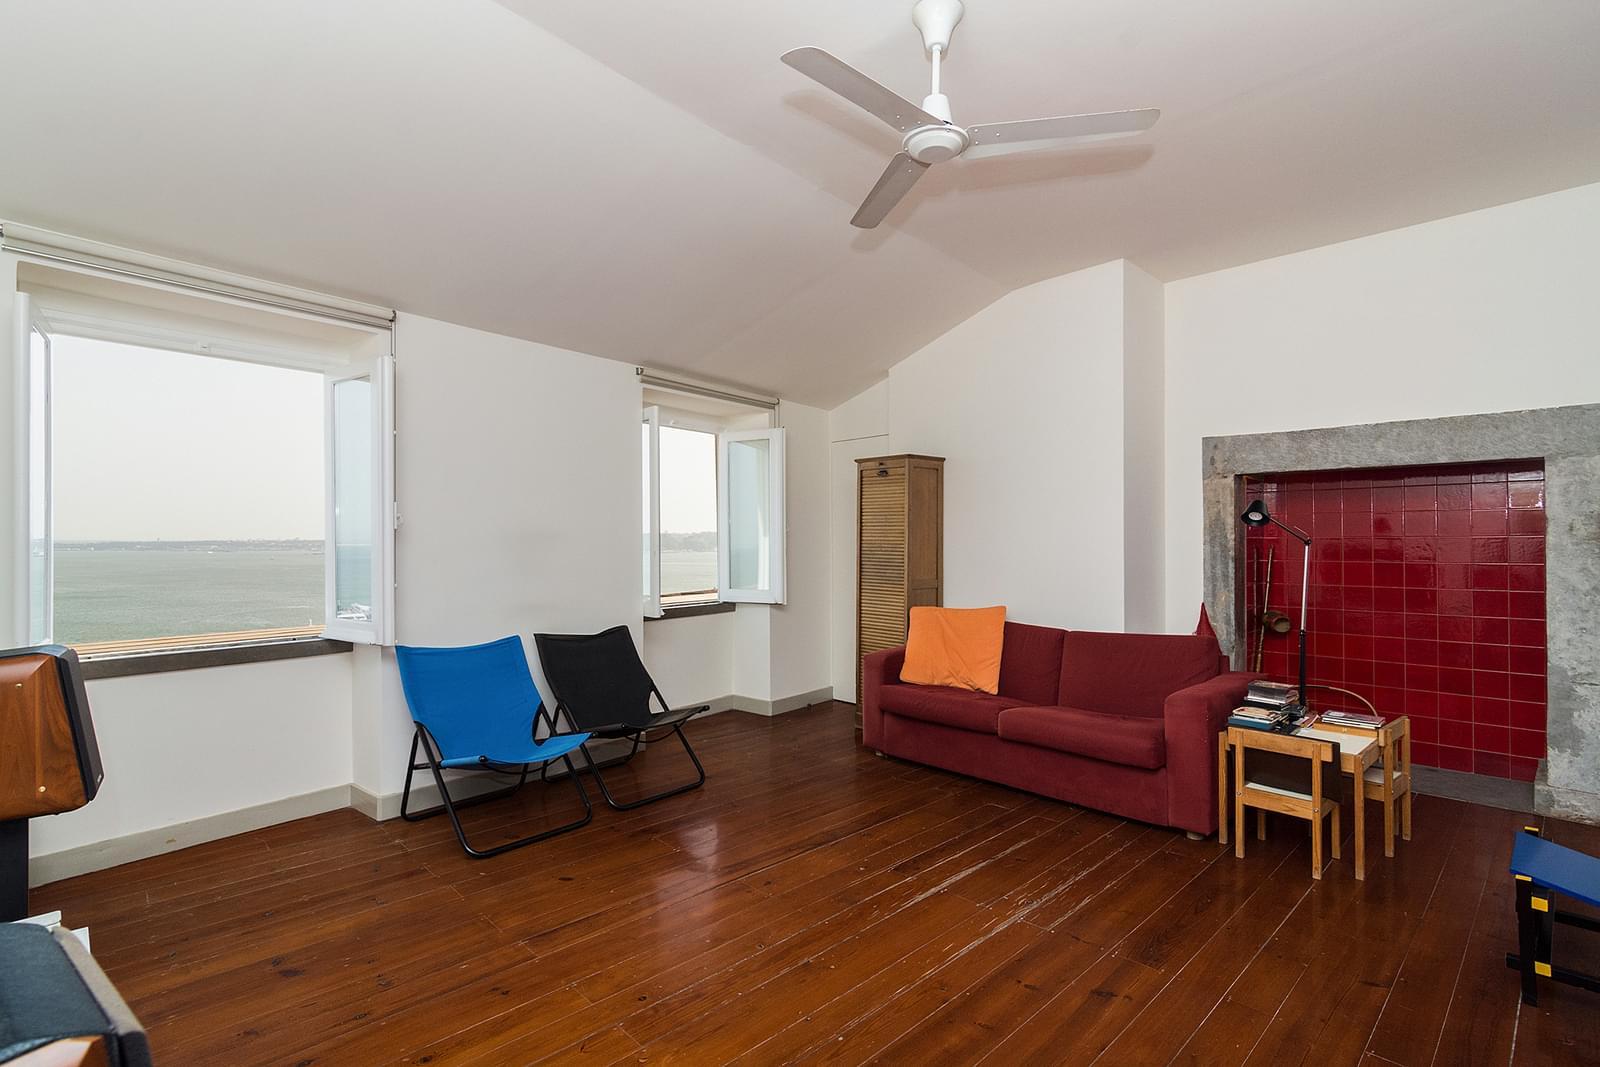 pf17052-apartamento-t3-lisboa-cc19806a-4f8a-4824-a176-3357f79d0b94